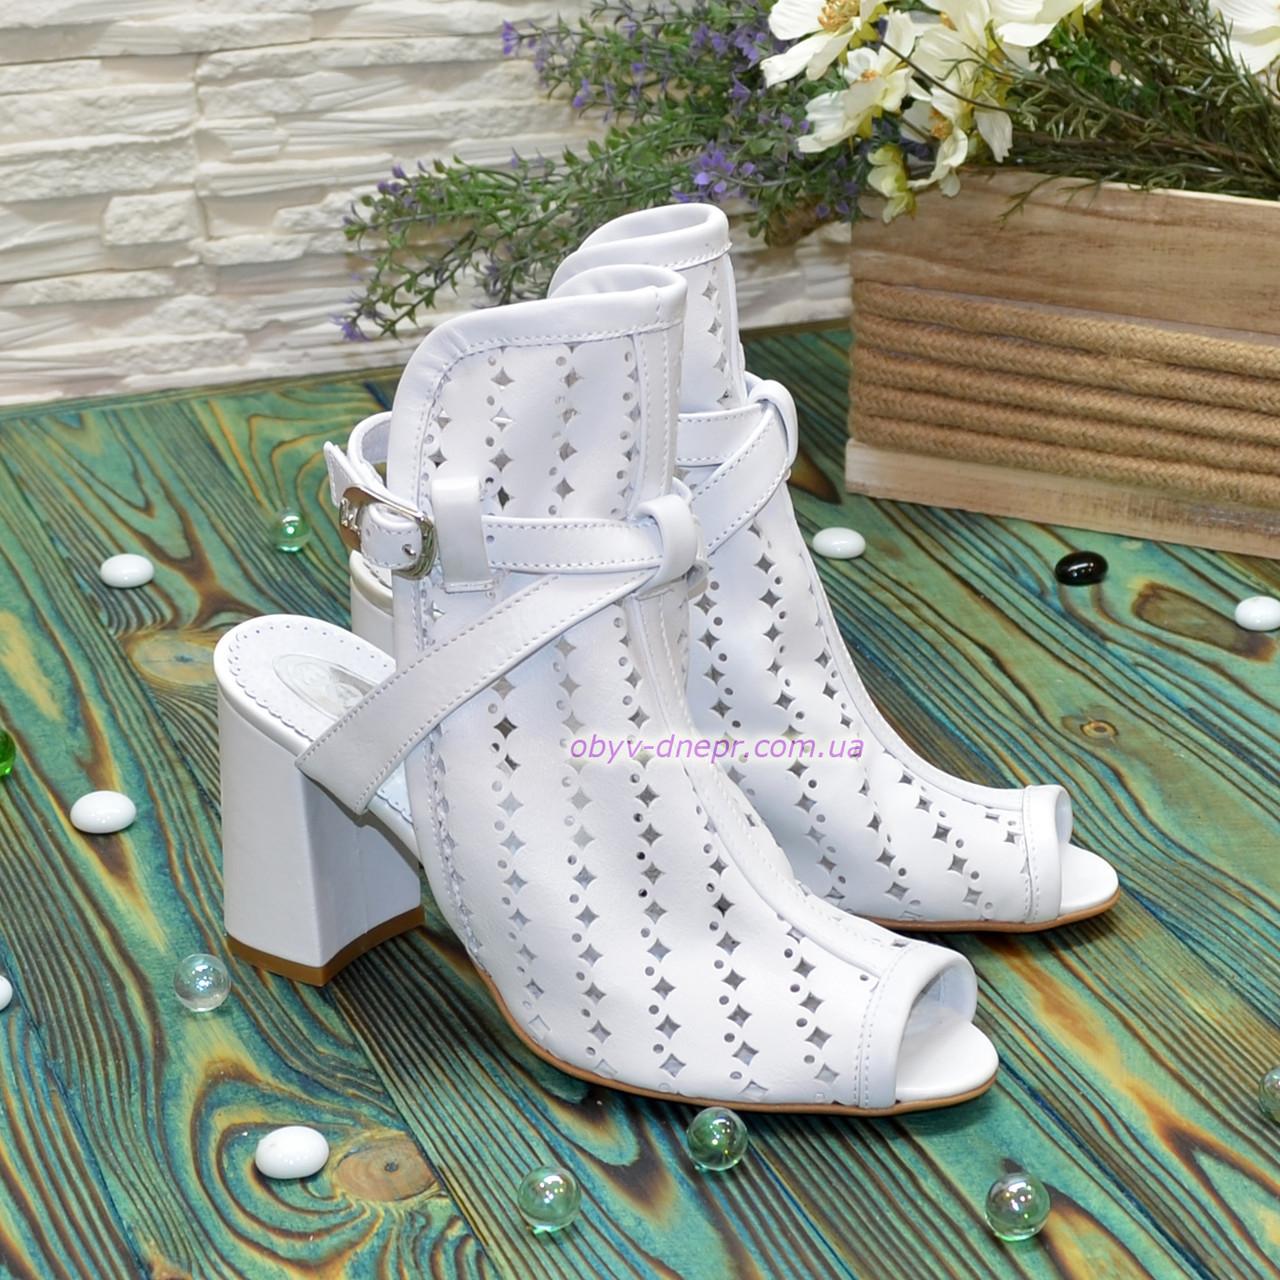 Босоножки белые женские кожаные на устойчивом каблуке. 38 размер